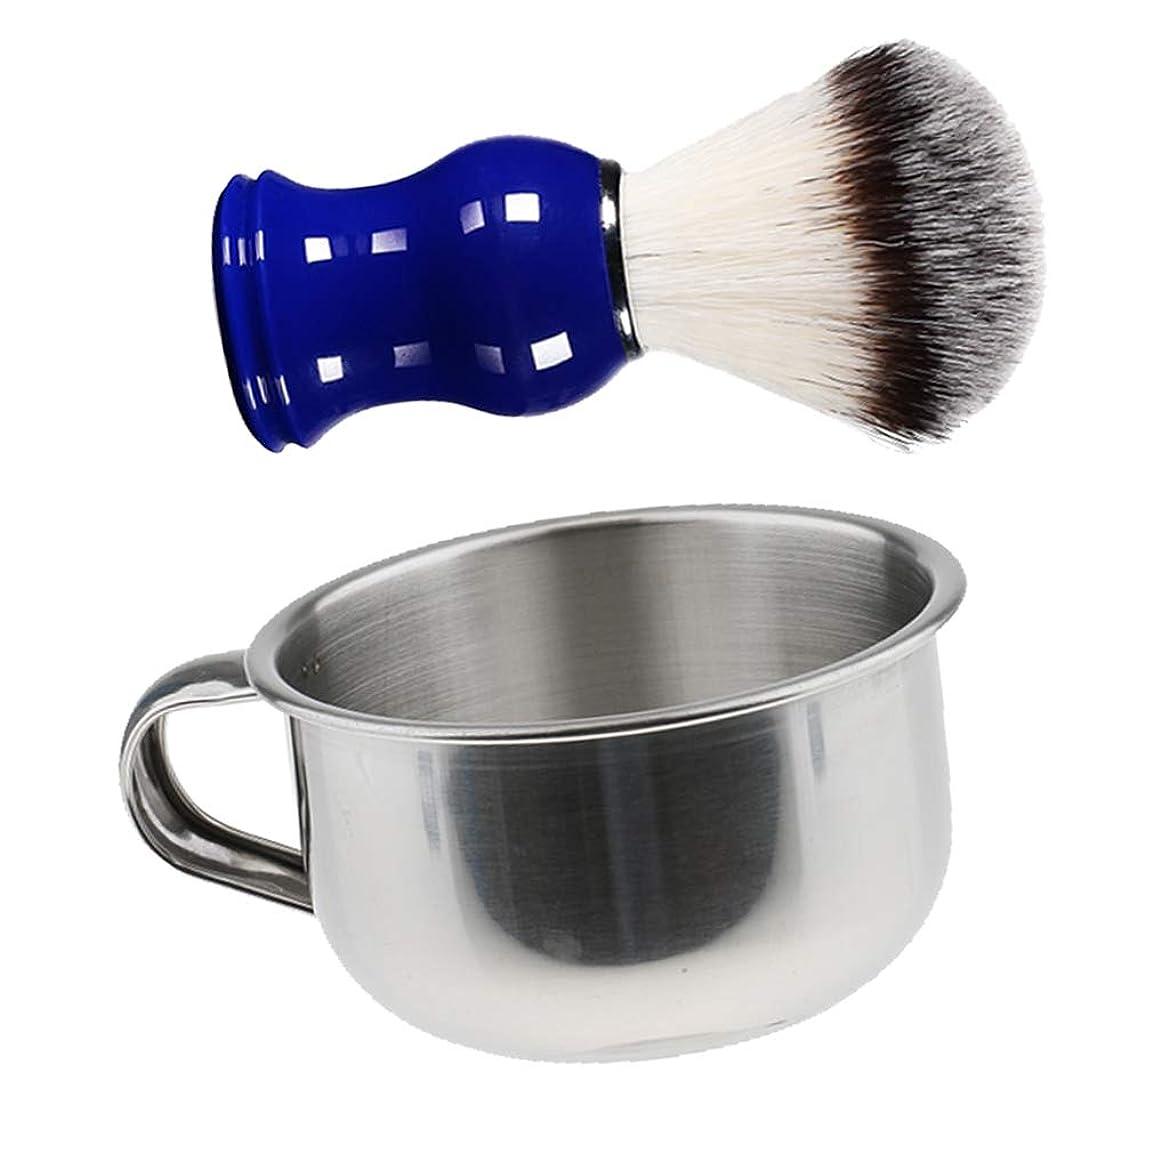 現れる注文中止しますBaoblaze シェービングブラシセット ステンレス製シェービングボウル メンズ 理容 洗顔 髭剃り 泡立ち 実用的